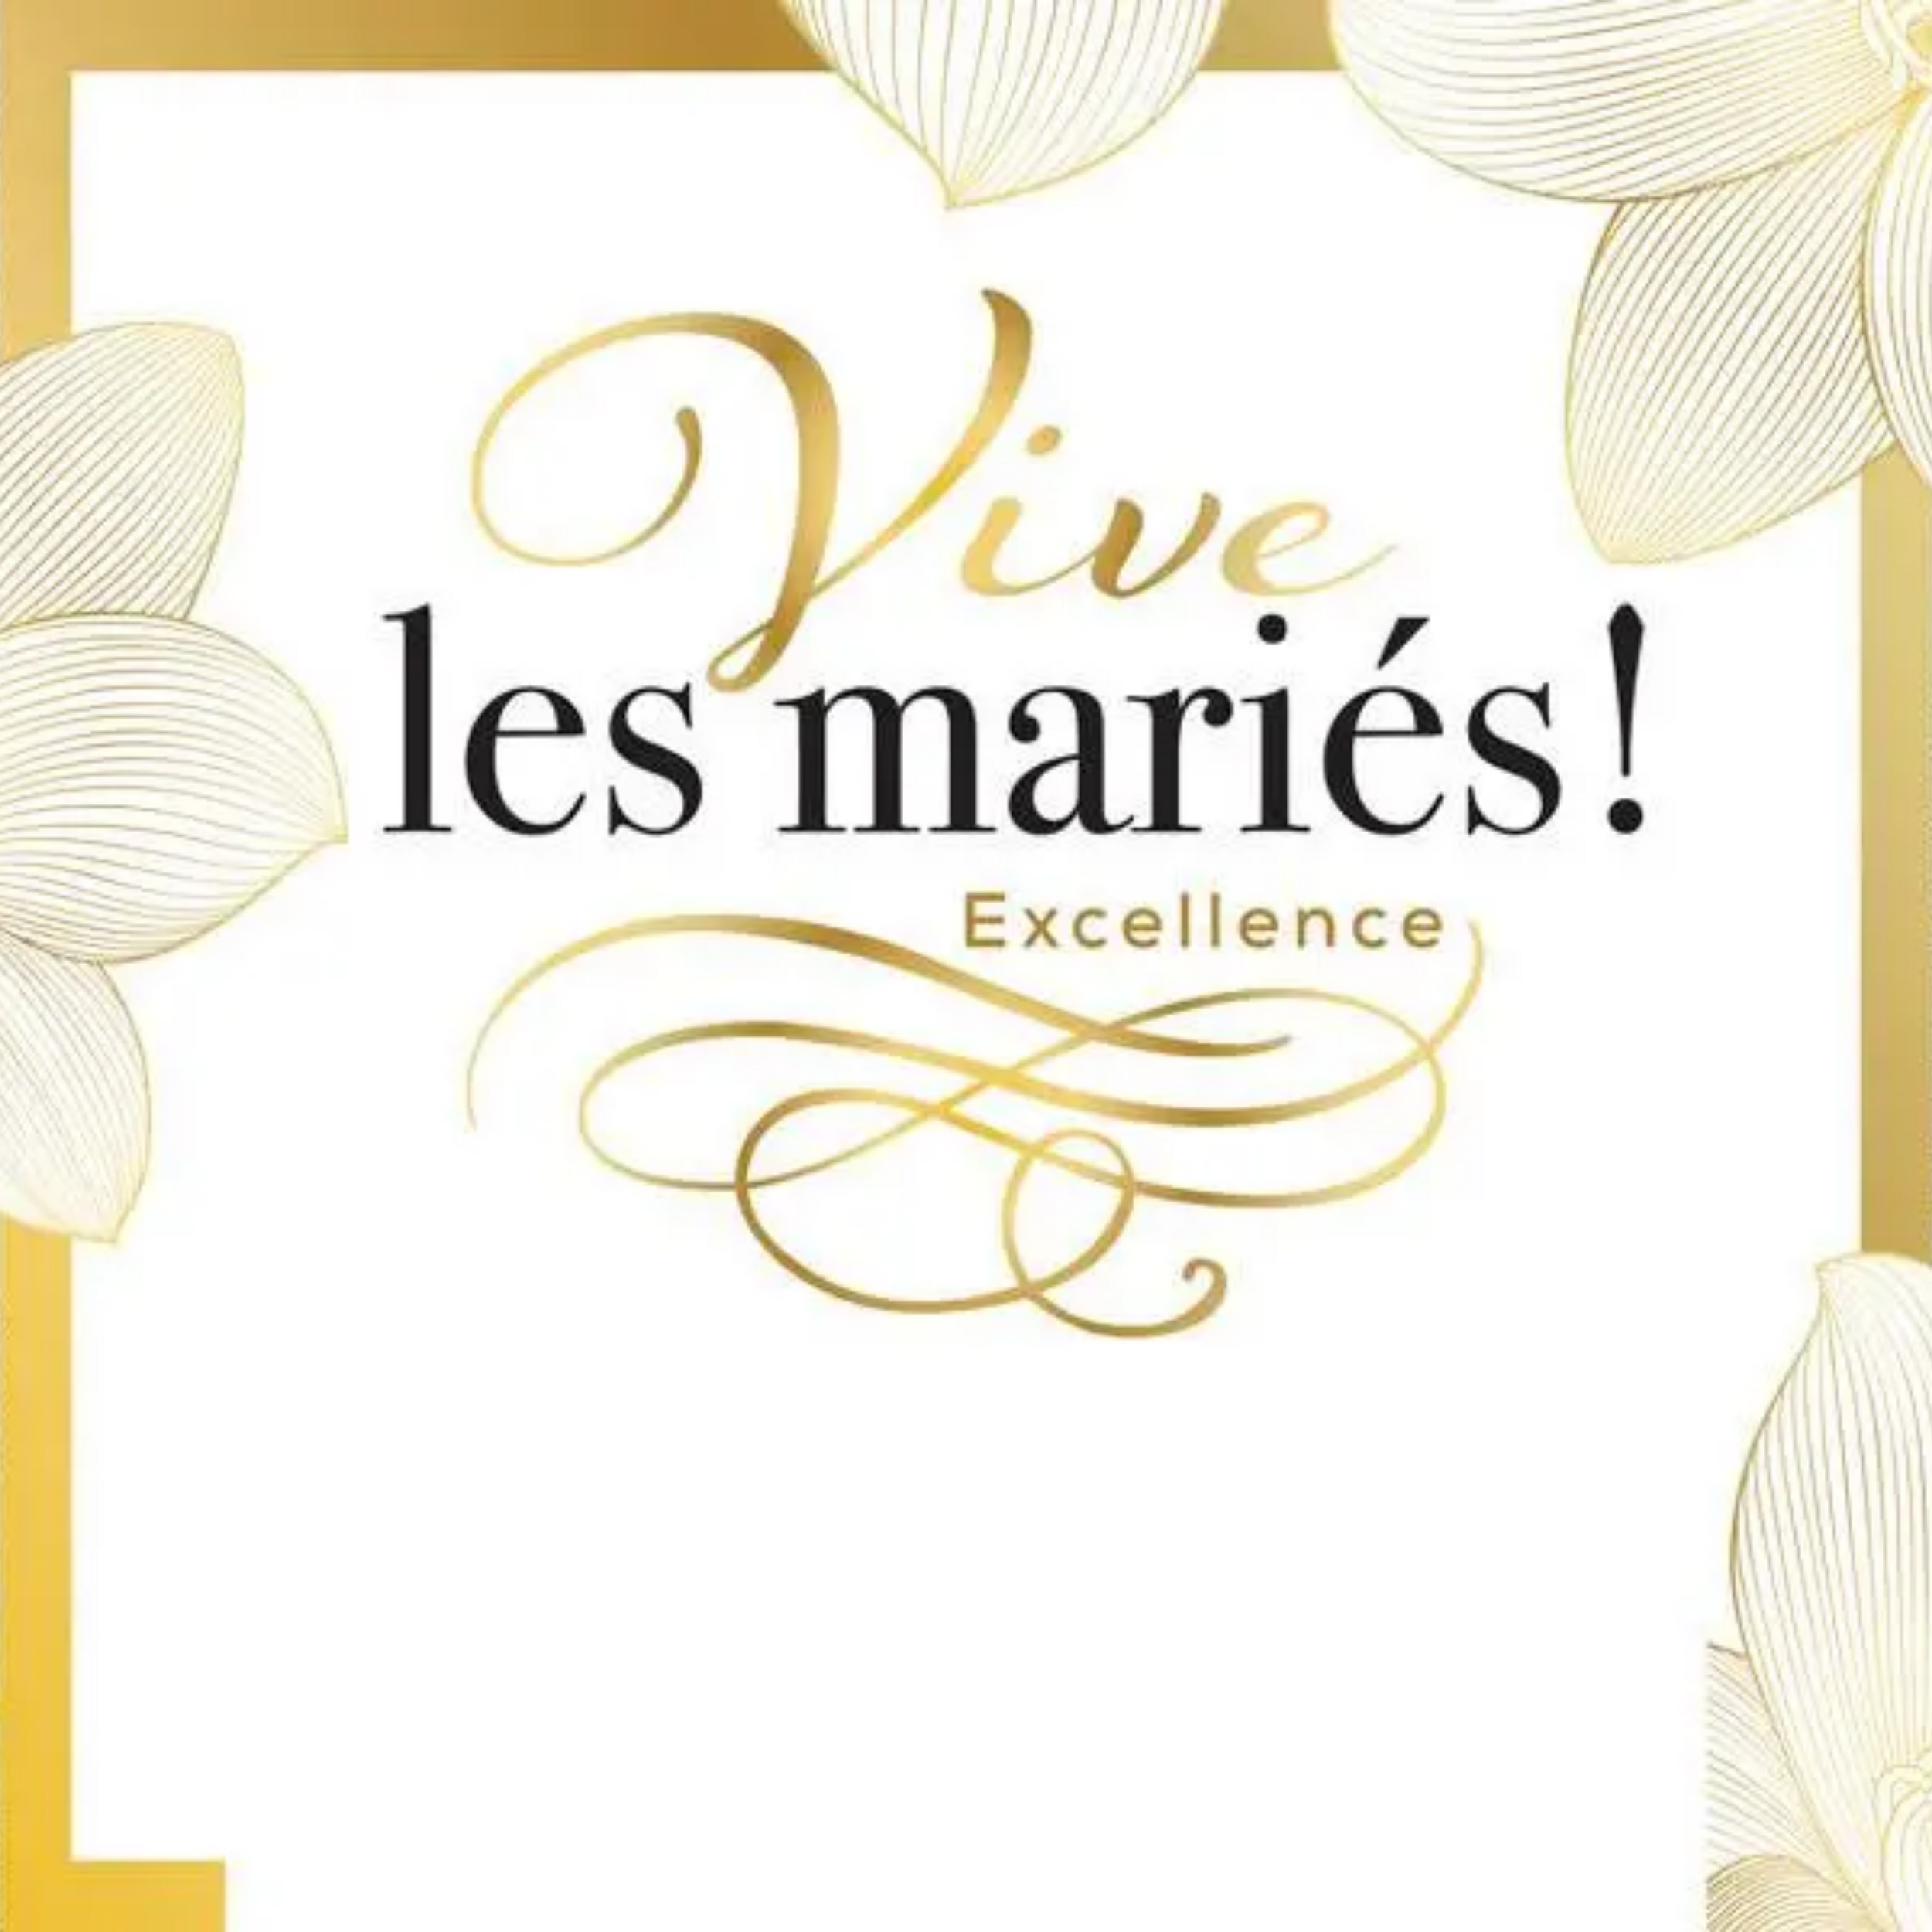 Séjour Excellence - Vive les mariés ! Séjour Excellence - Vive les mariés !